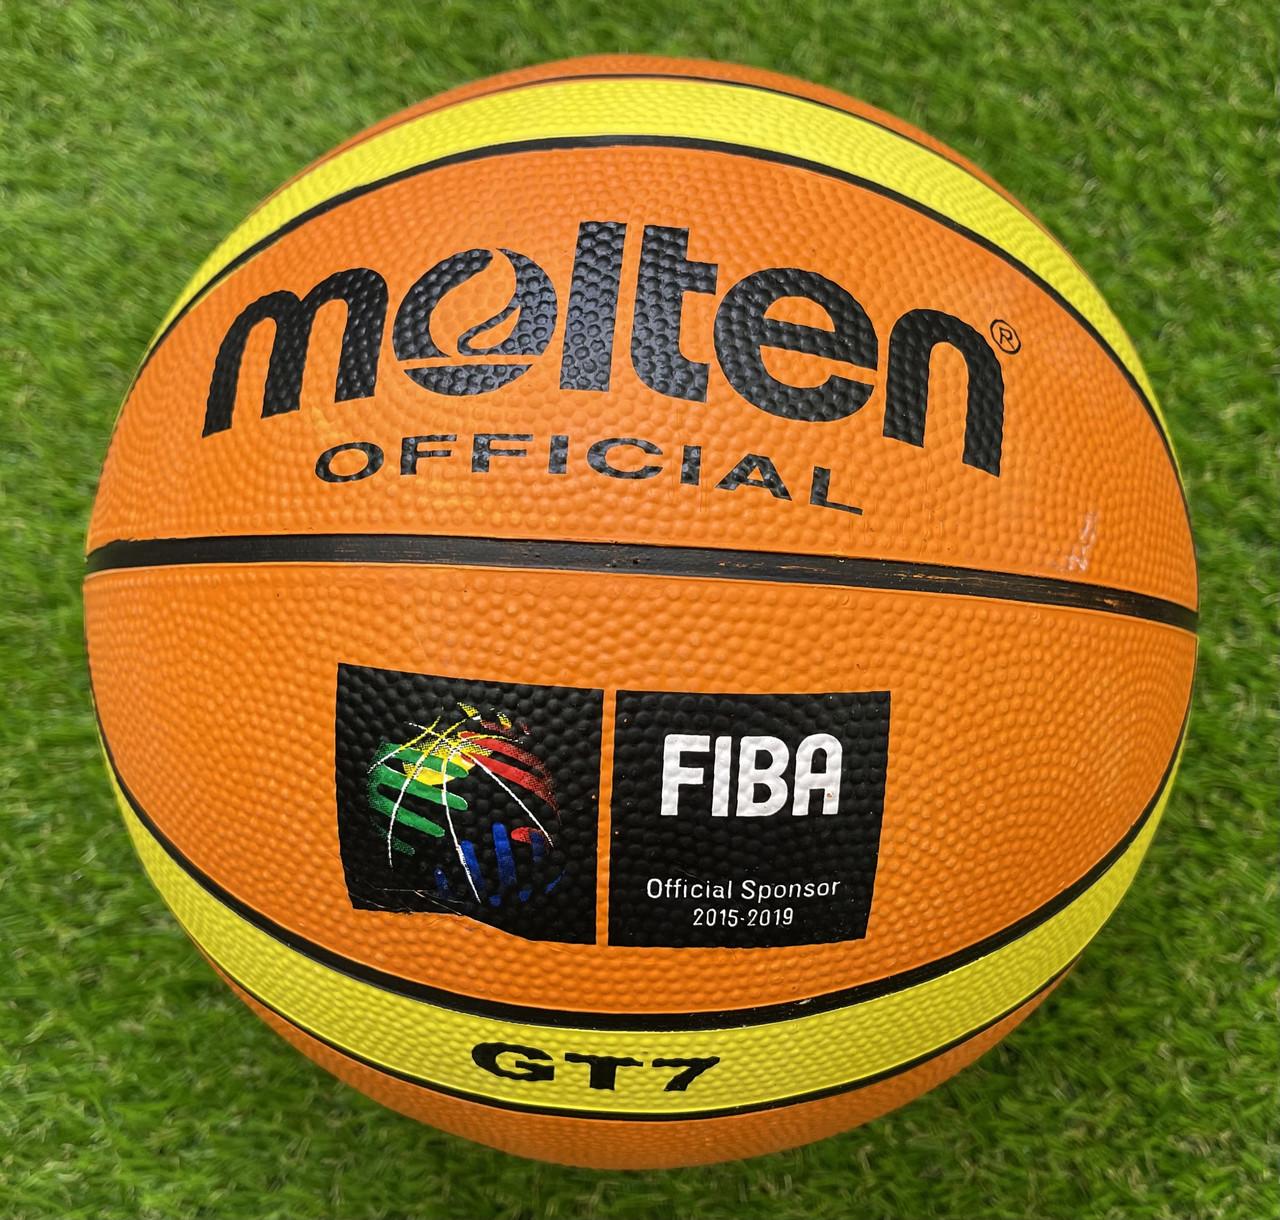 М'яч баскетбольний №7 гумовий, Molten GT-7, жовто-оранжевий